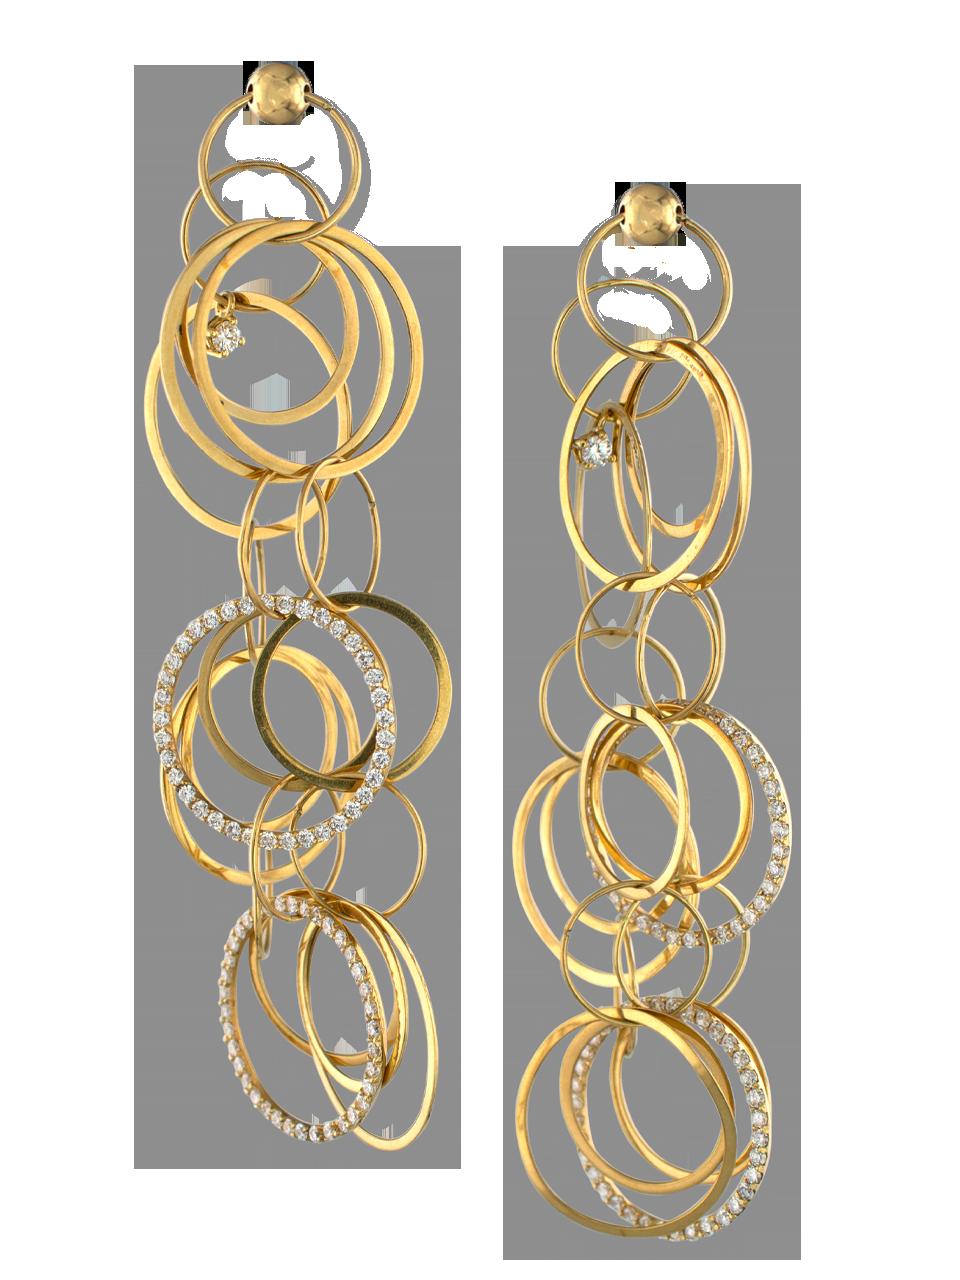 18k Gold and Diamond Multi-Hoop Link Earrings-1